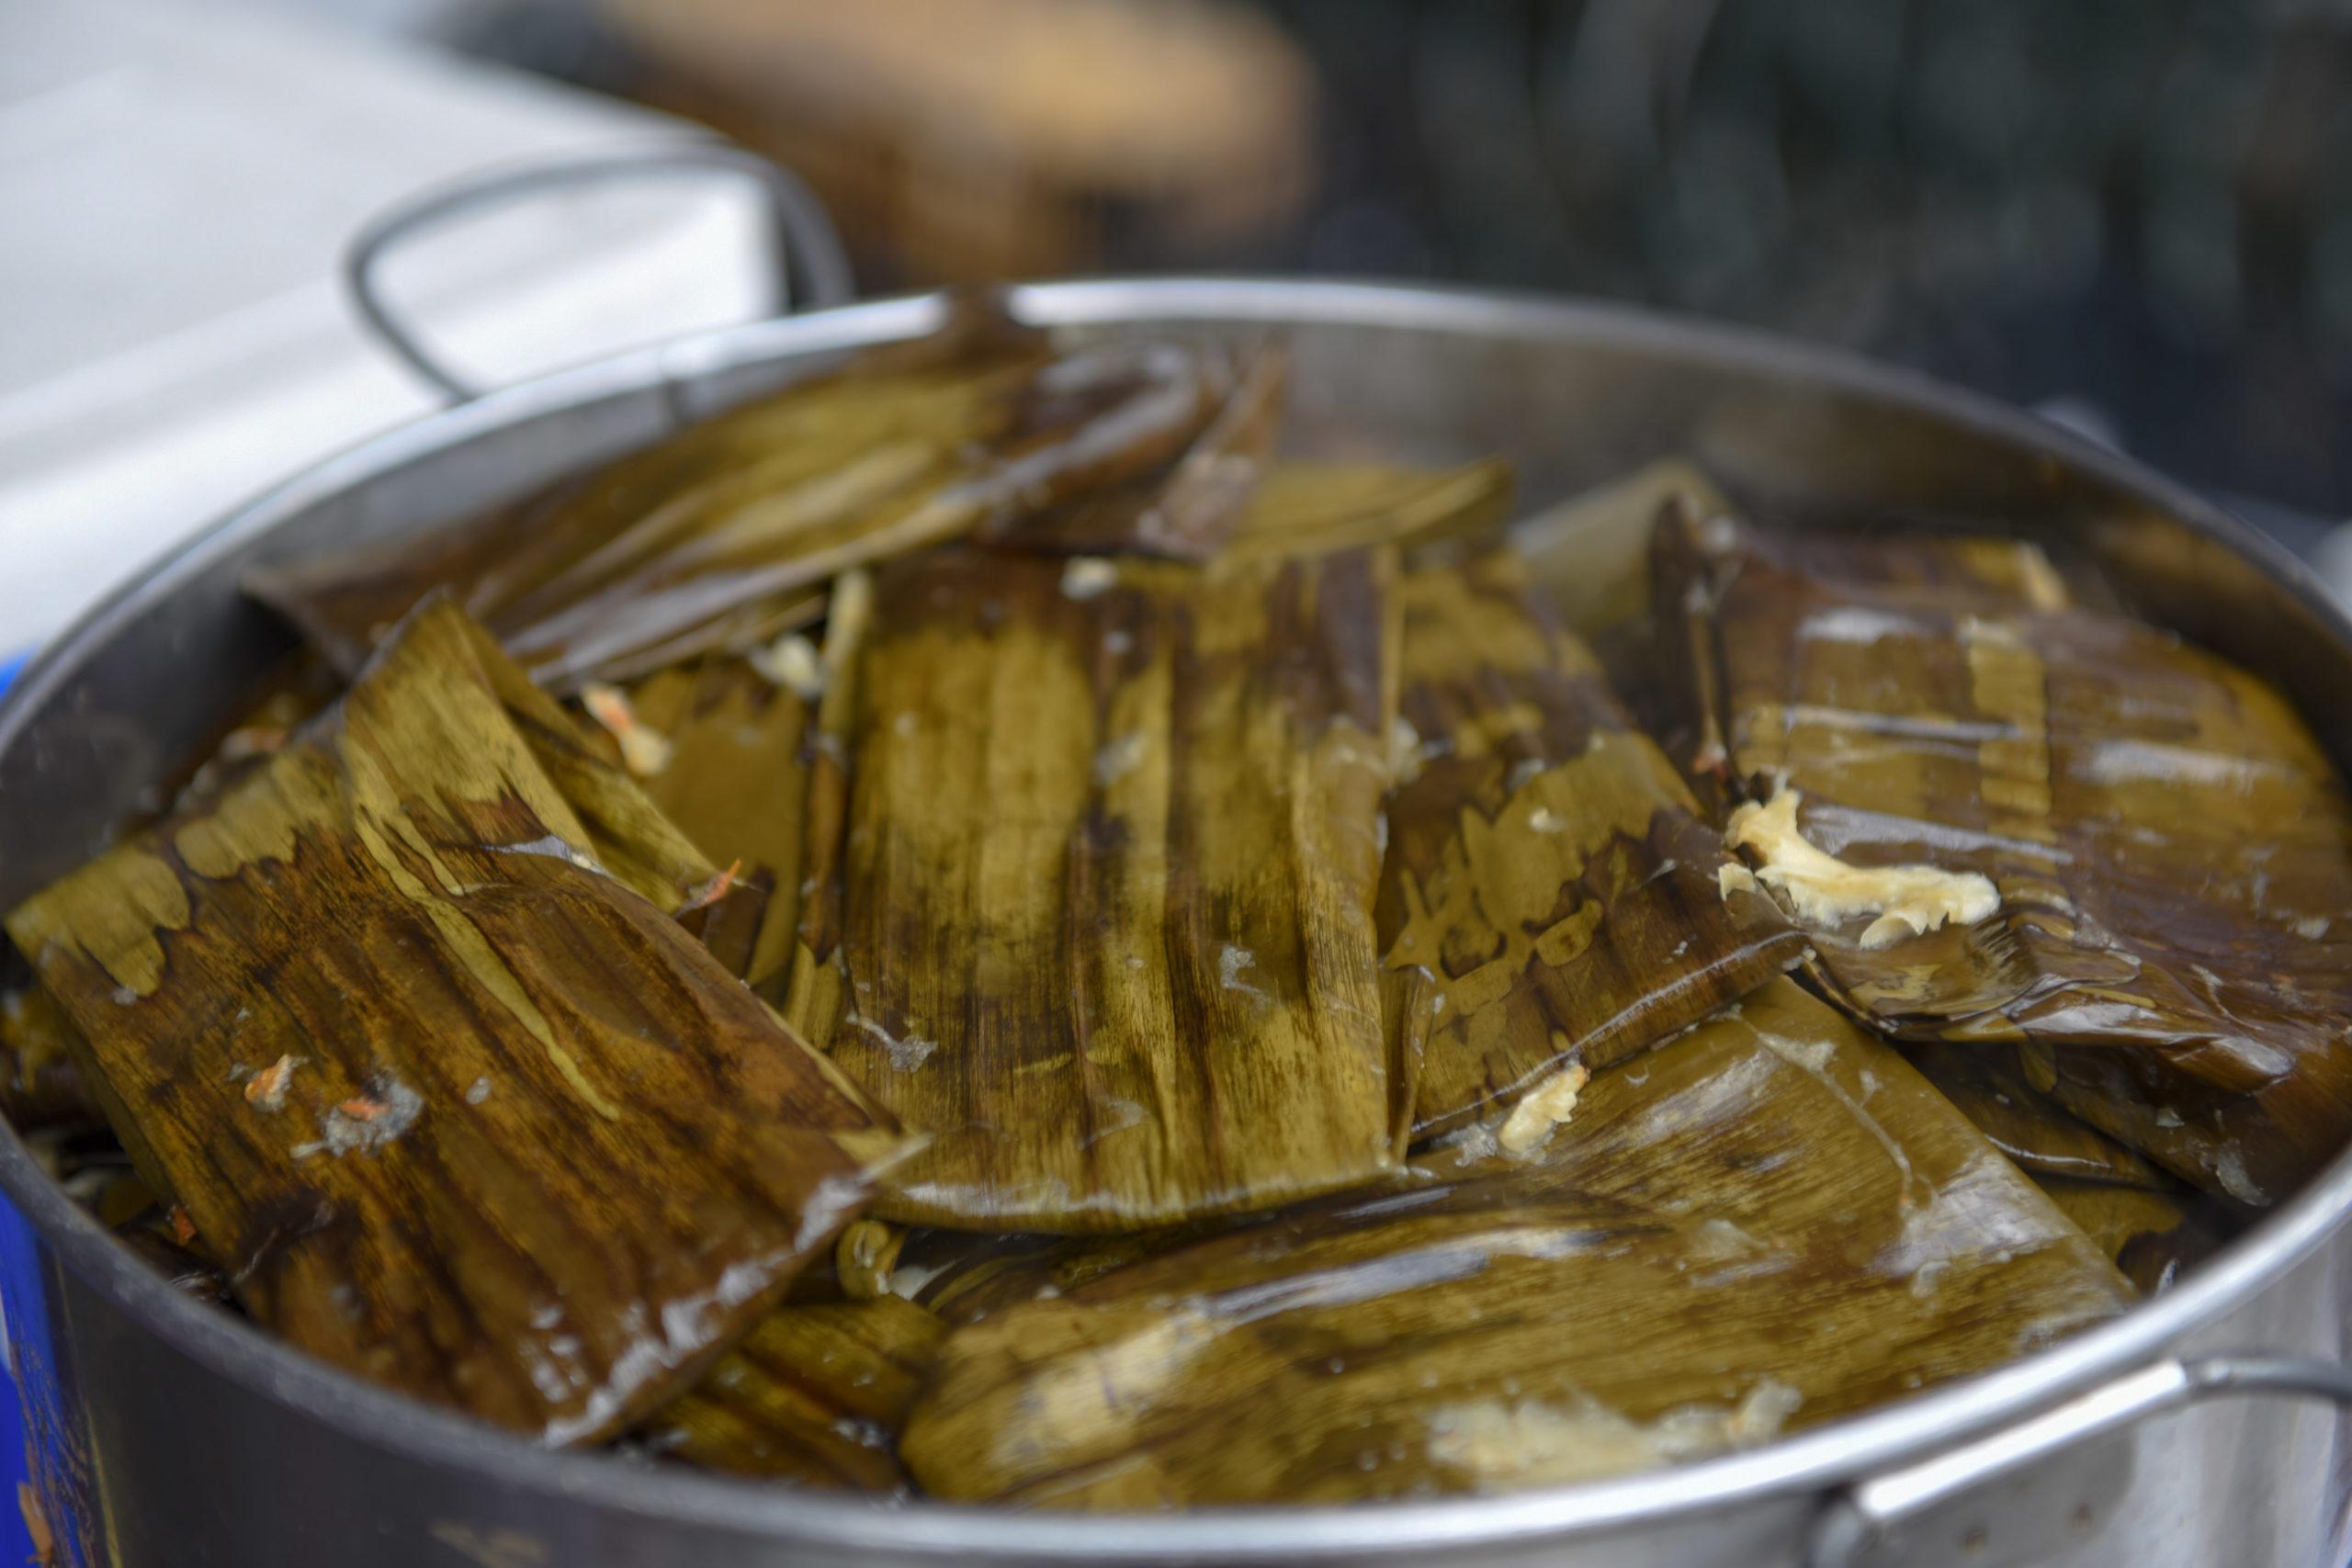 Inicia Festival de Tamales, Pan y Chocolate de forma virtual